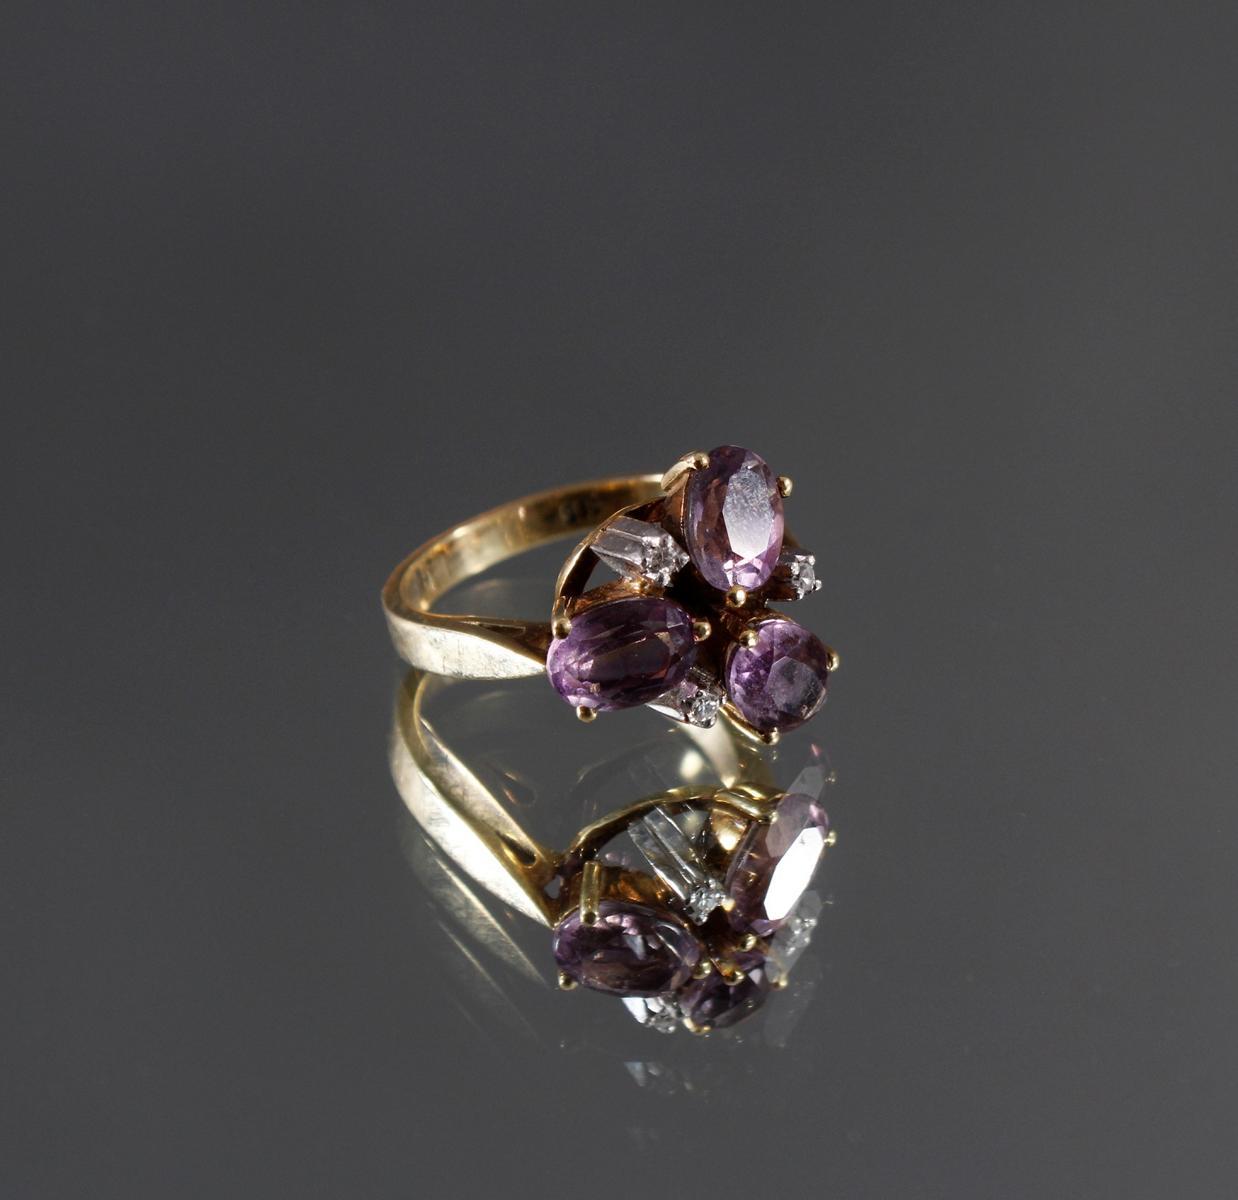 Damenring mit 3 kleinen Diamanten und 3 facettierten Amethysten, 14 kt Gelbgold